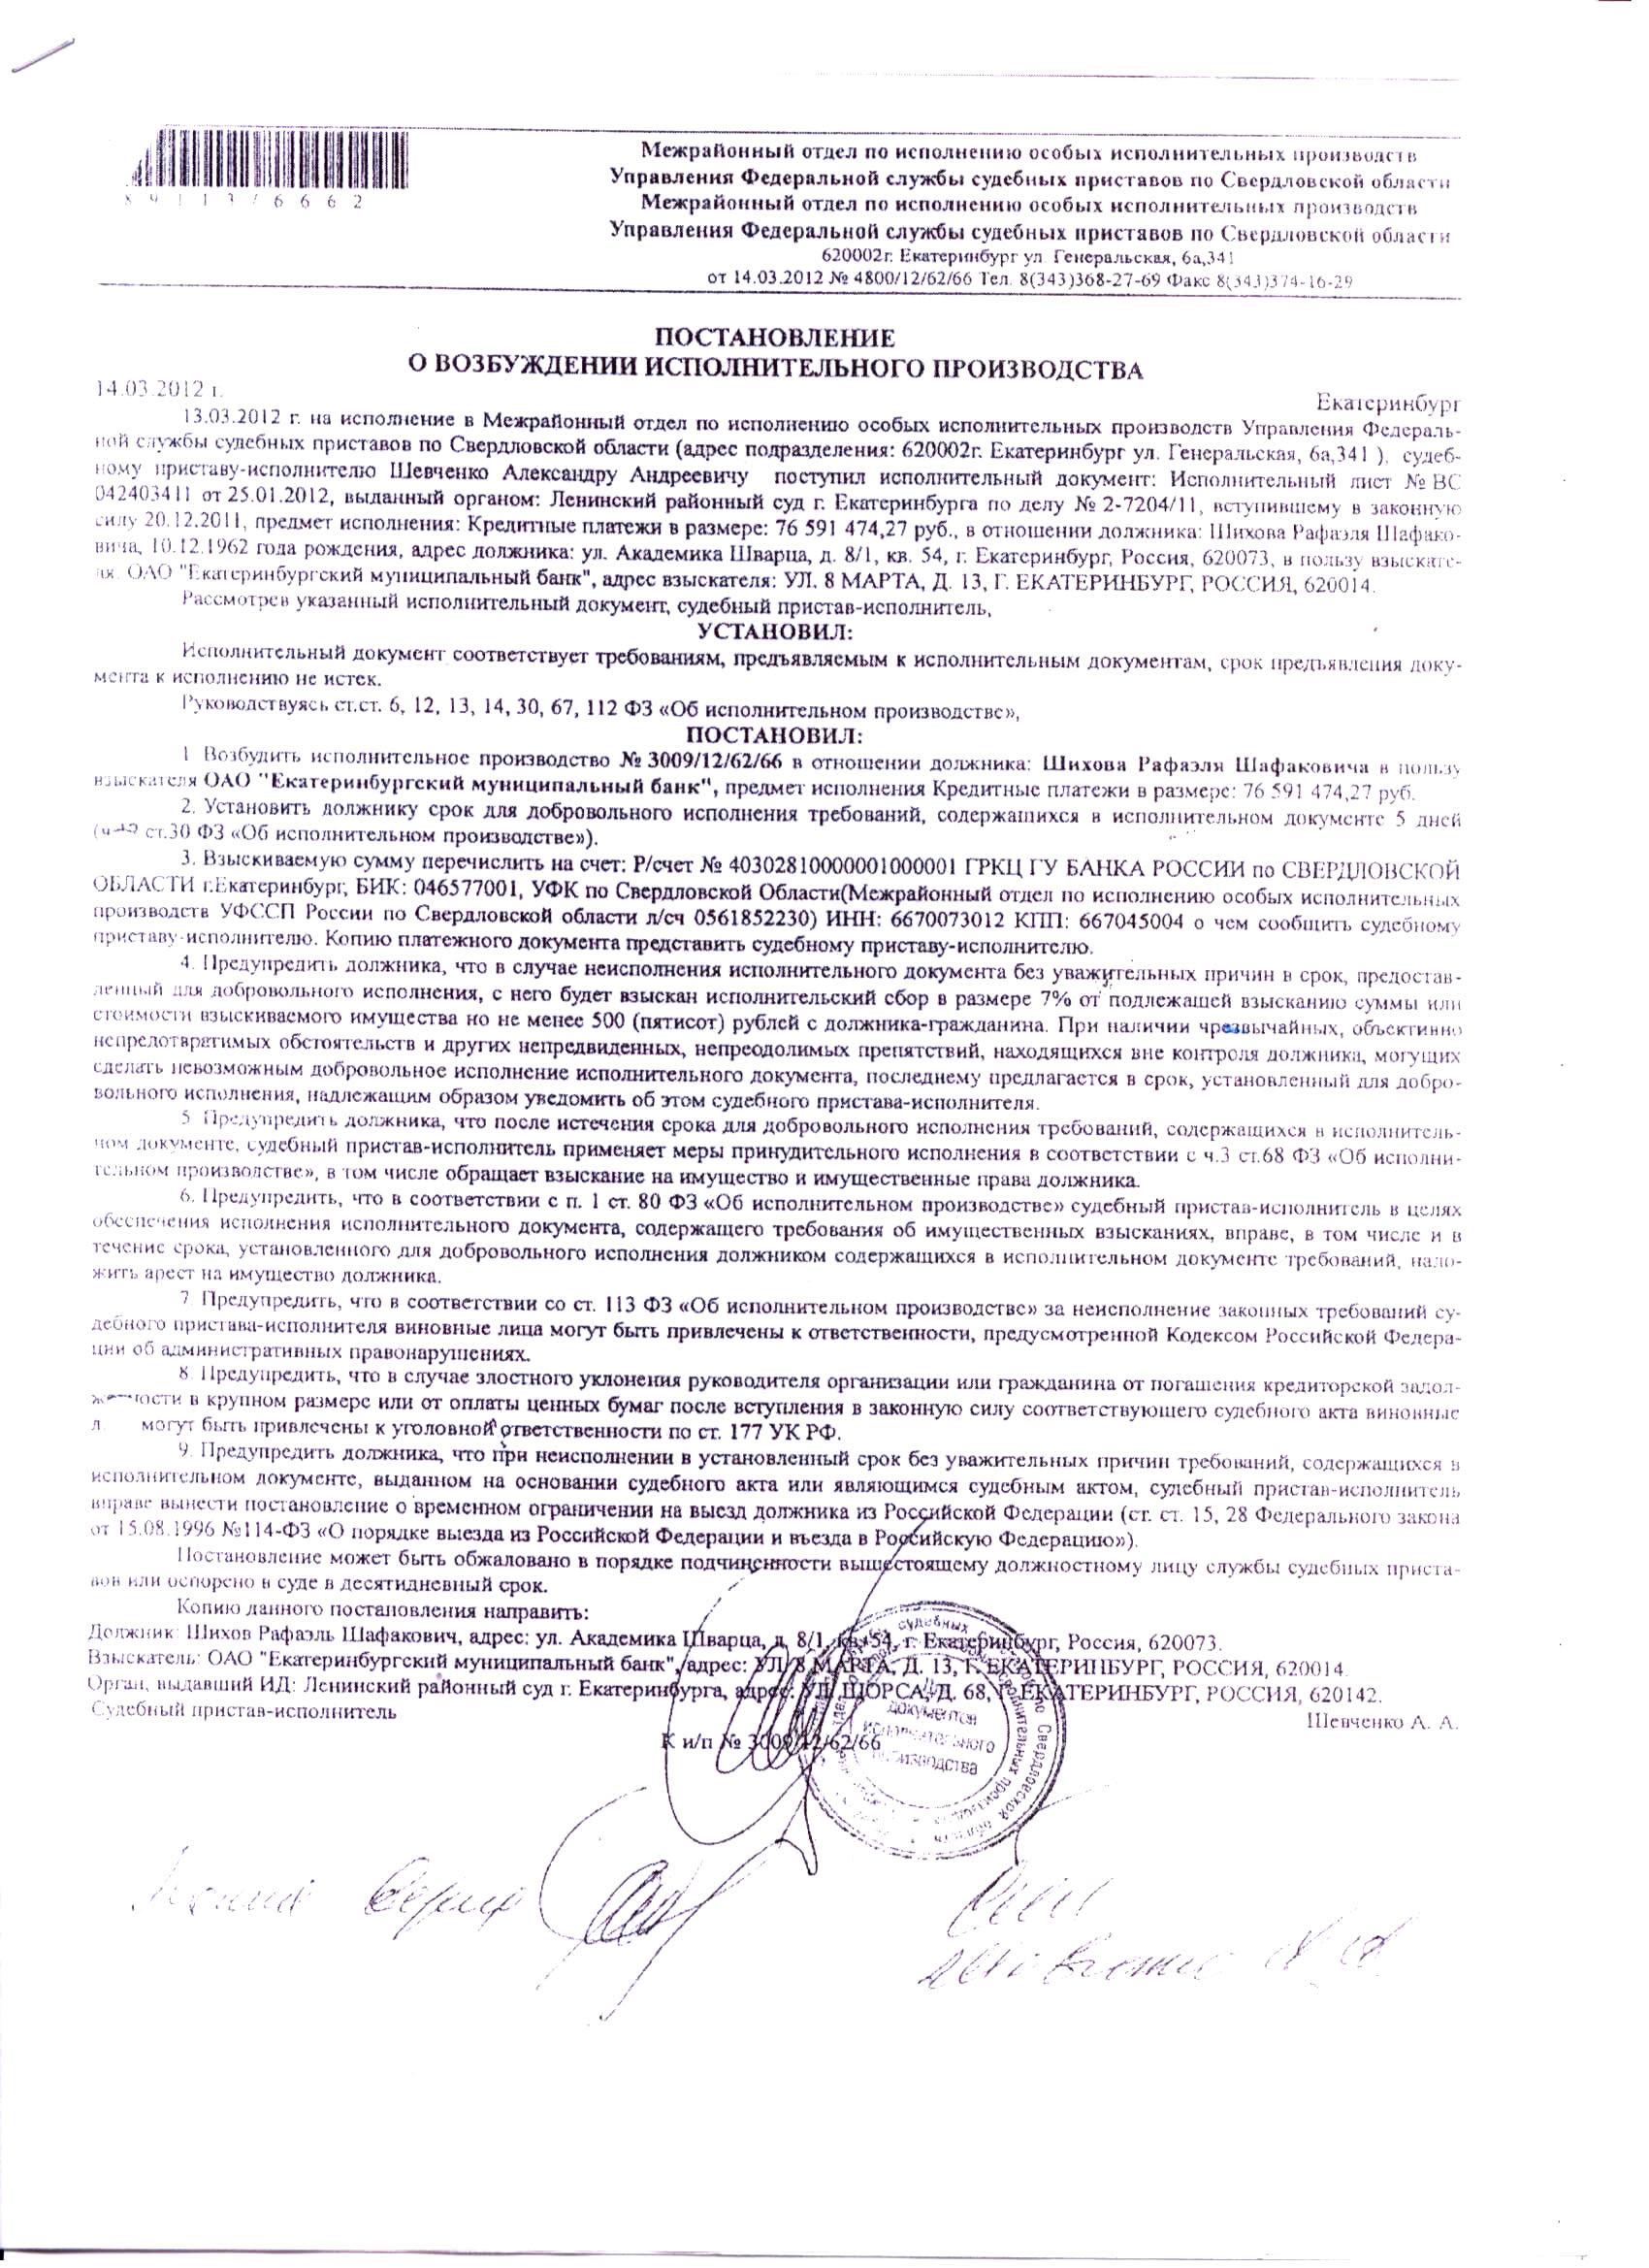 Ипотека в сбербанке документы для подачи заявки